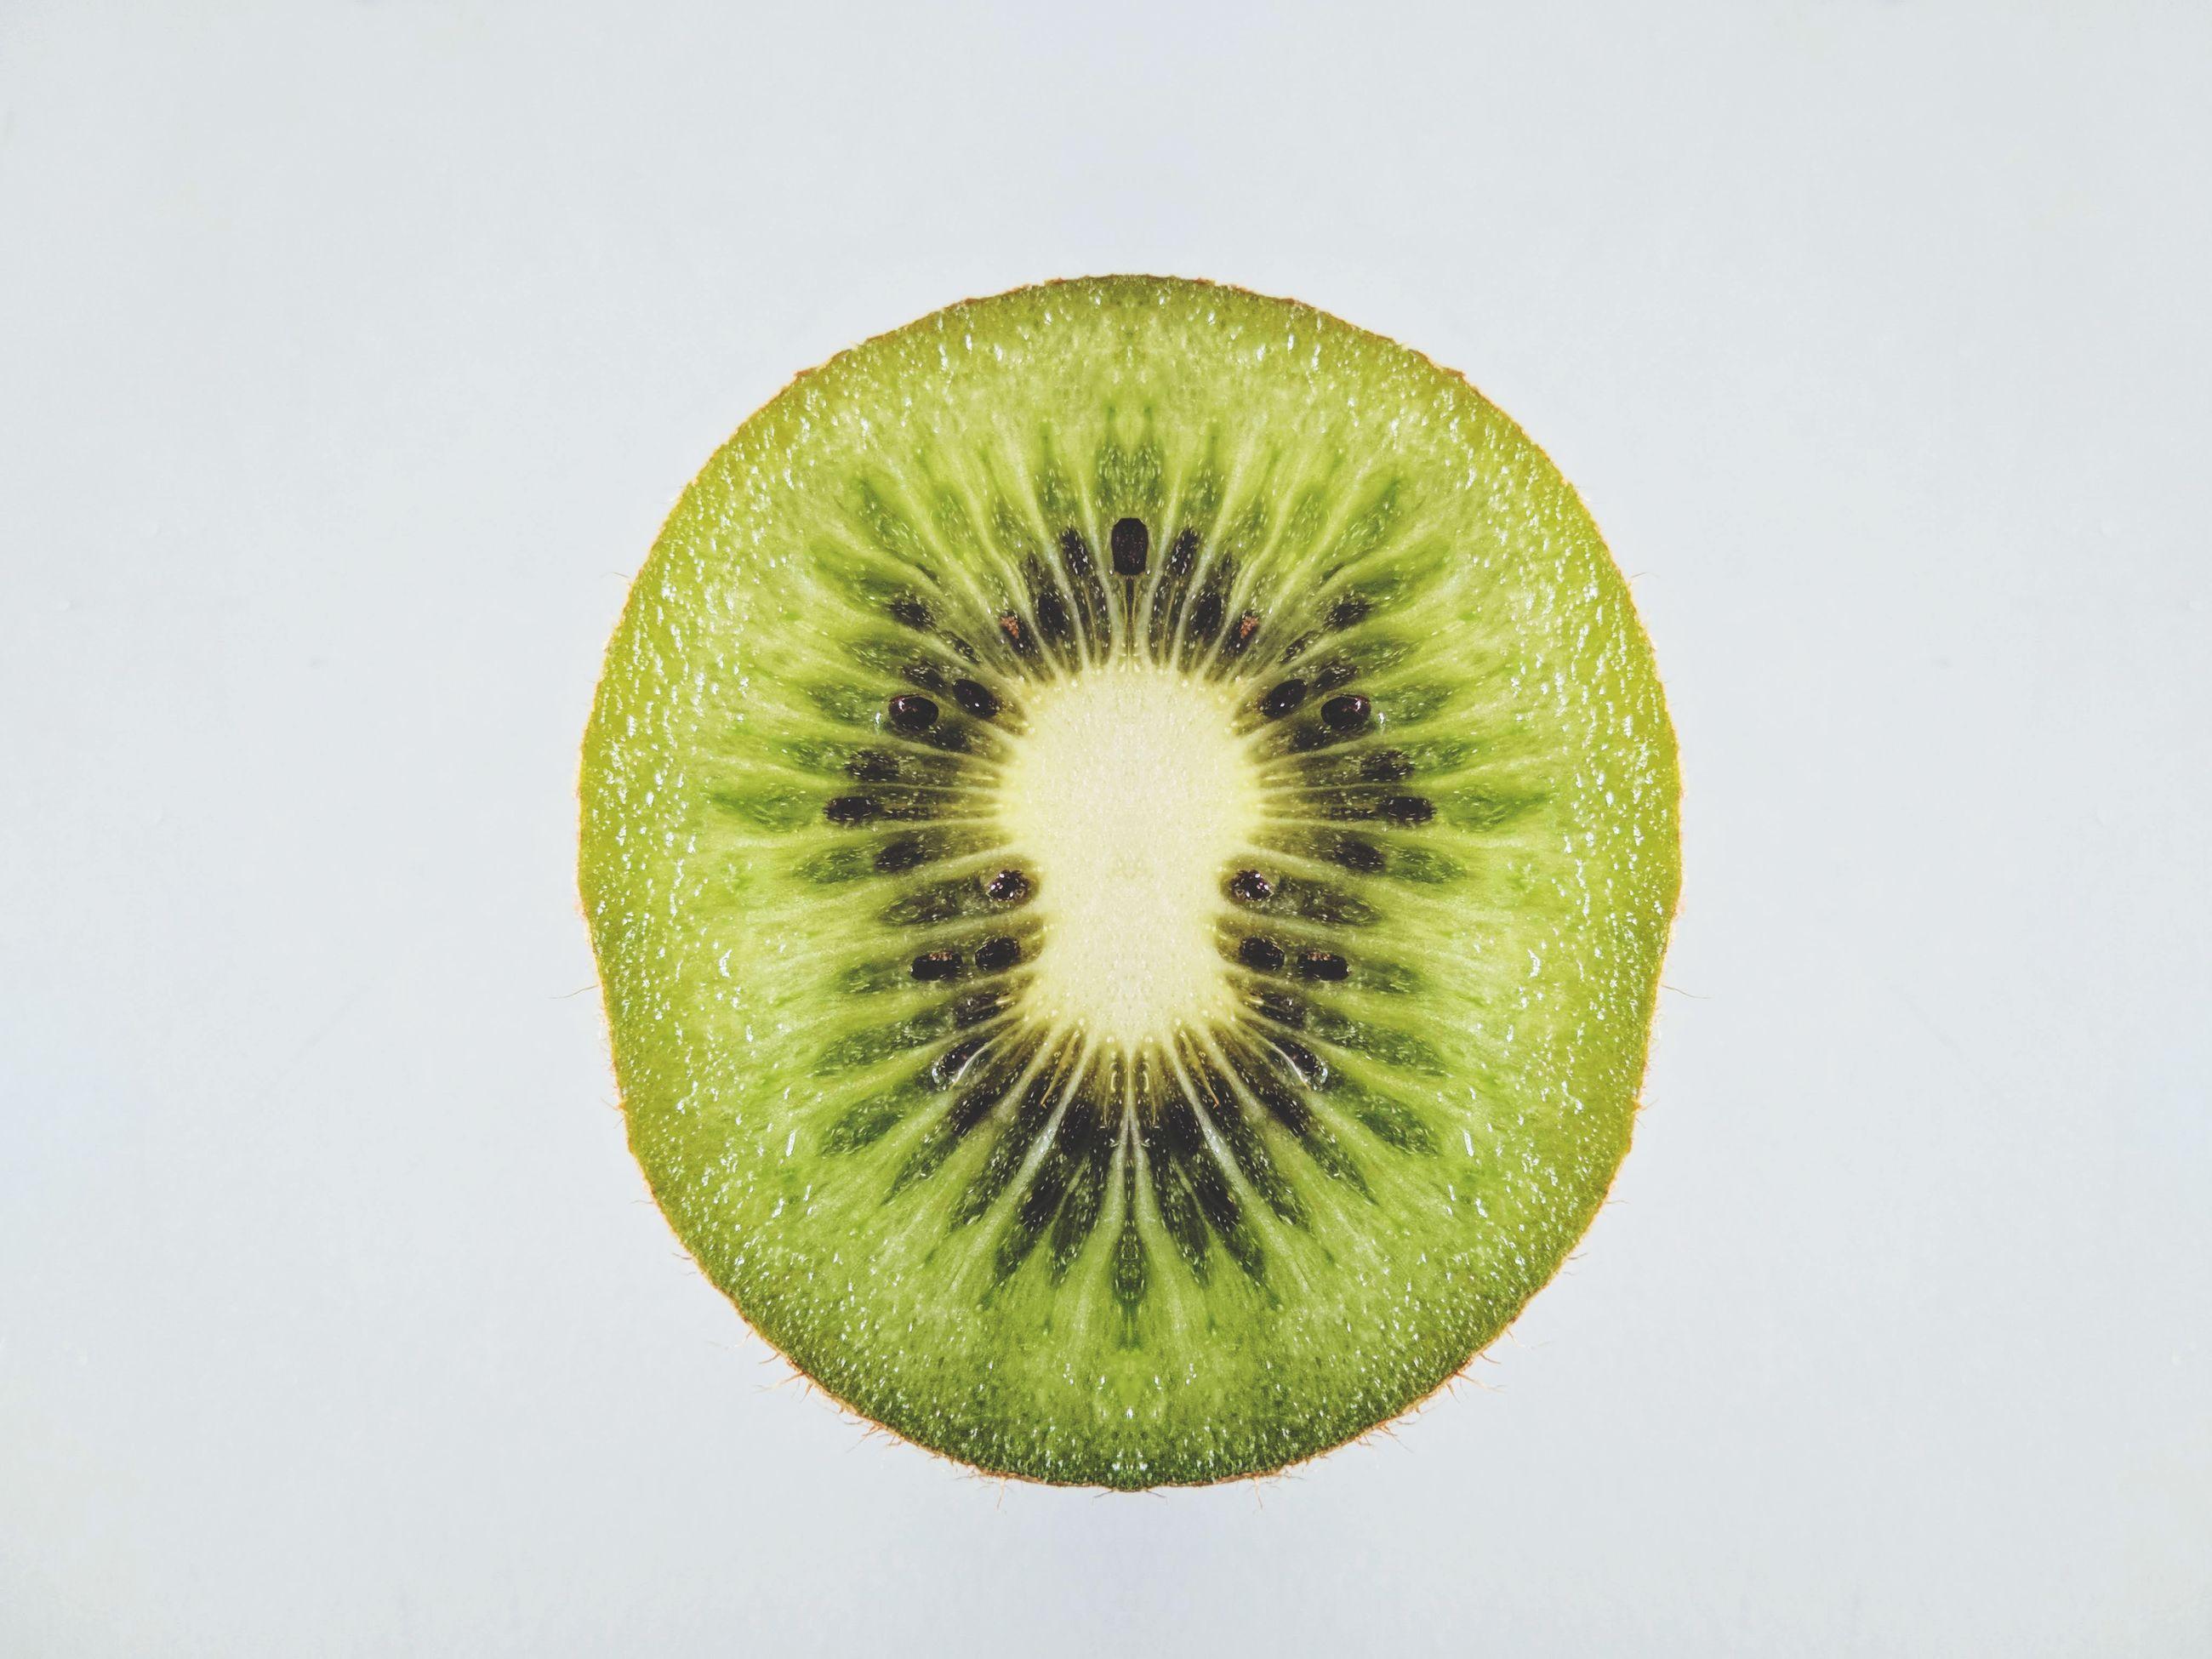 Close-up of kiwi against white background